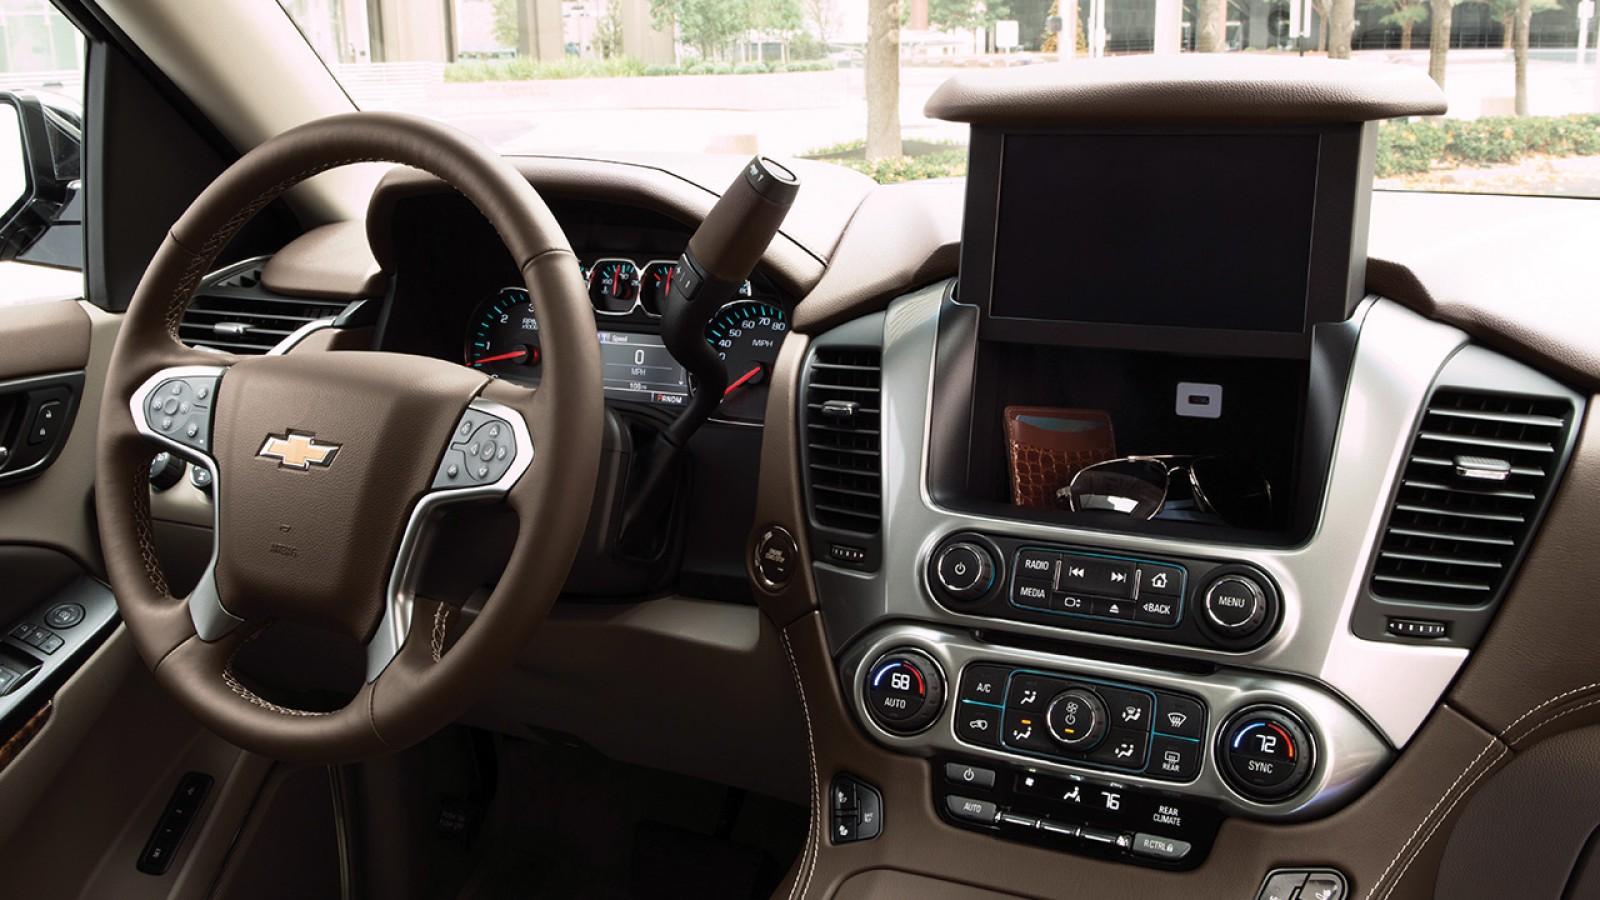 Chevrolet Tahoe 2018 interior controles - Autos Actual México